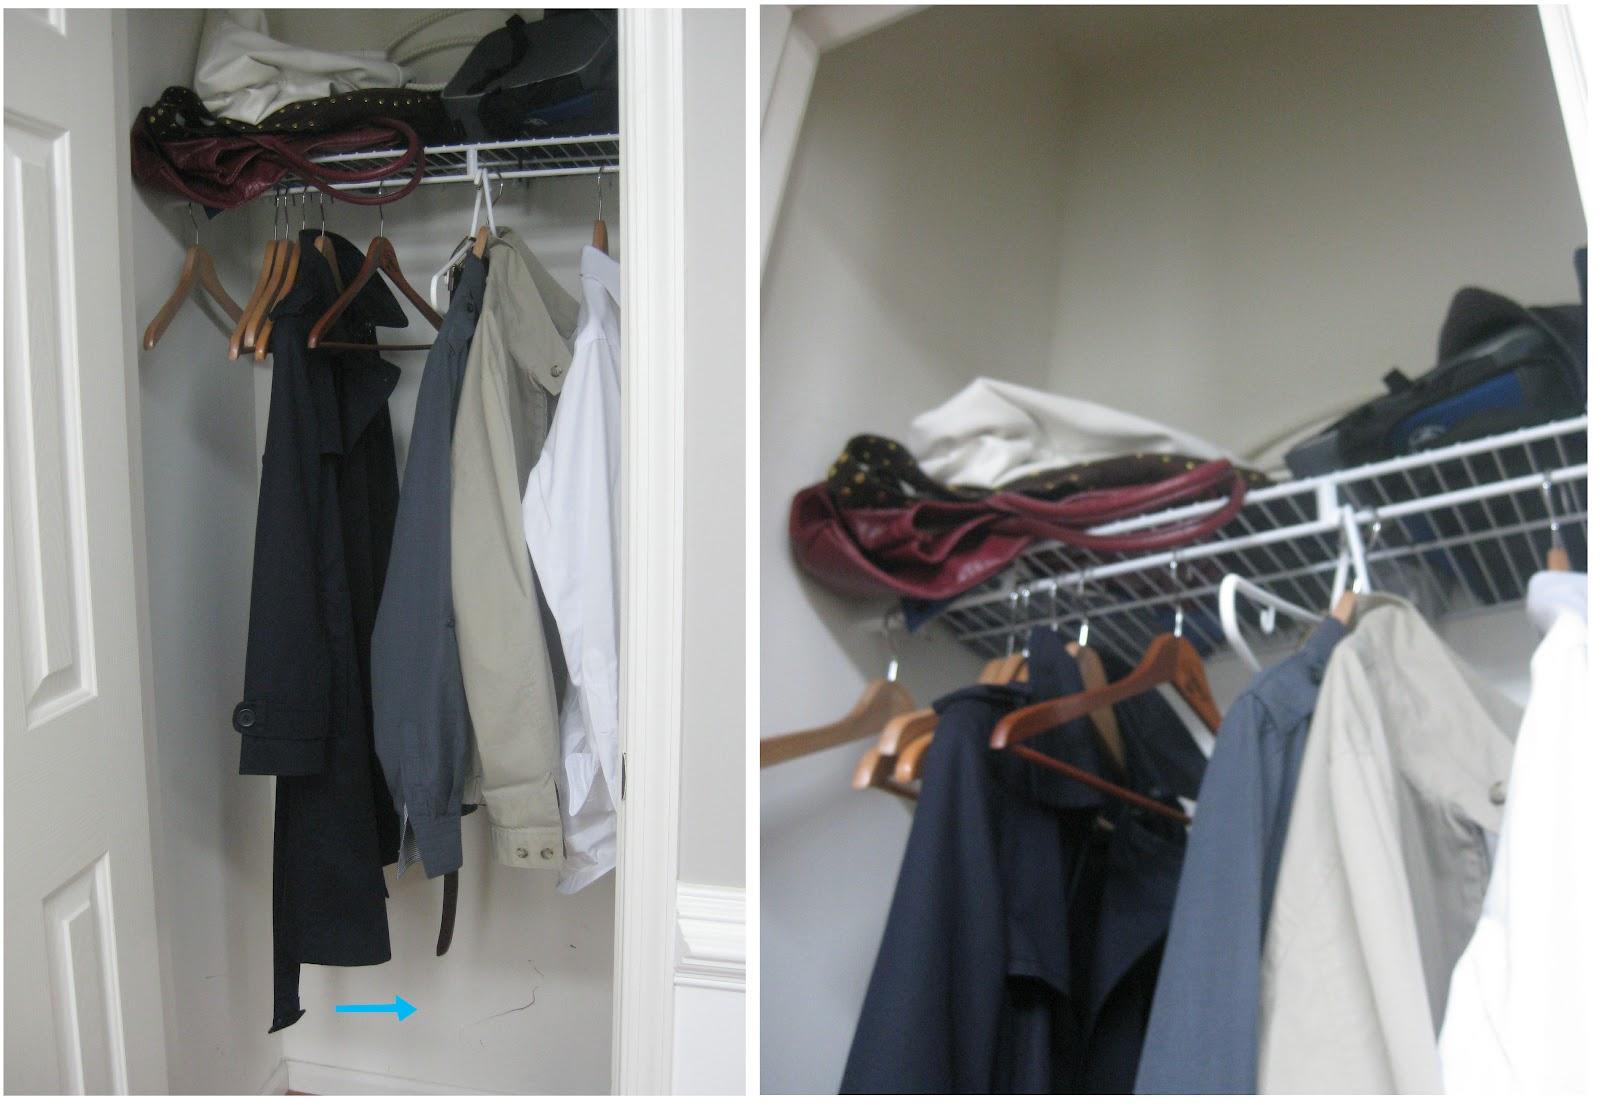 the monster inside the closet remodelando la casa rh remodelandolacasa com inside the closet matteo inside the closet podcast